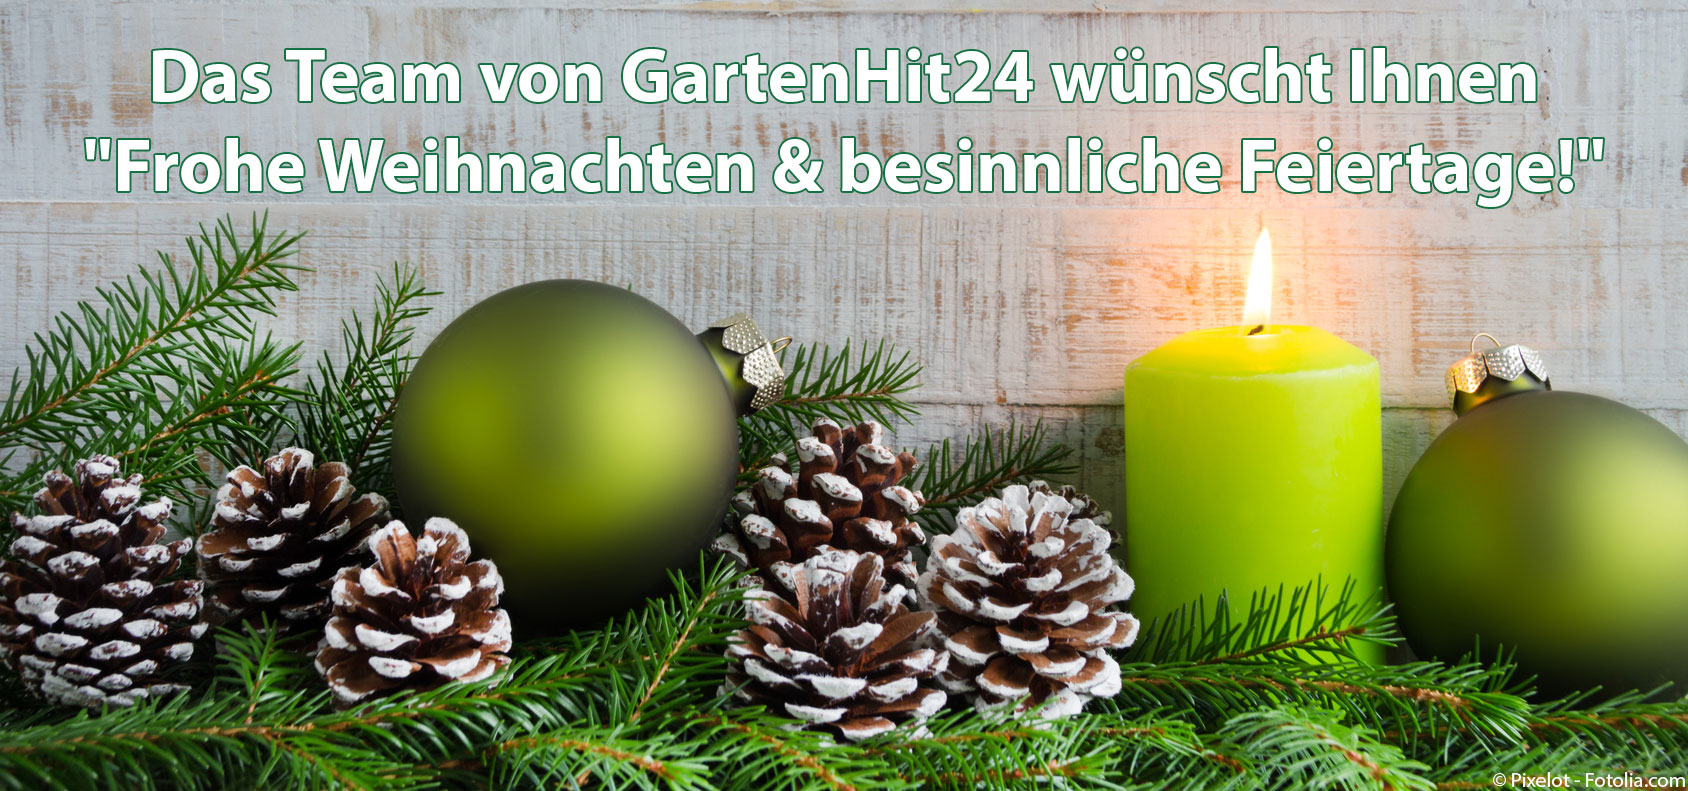 Frohe Weihnachten Besinnliche Feiertage.Frohe Weihnachten Gartenhit24 De